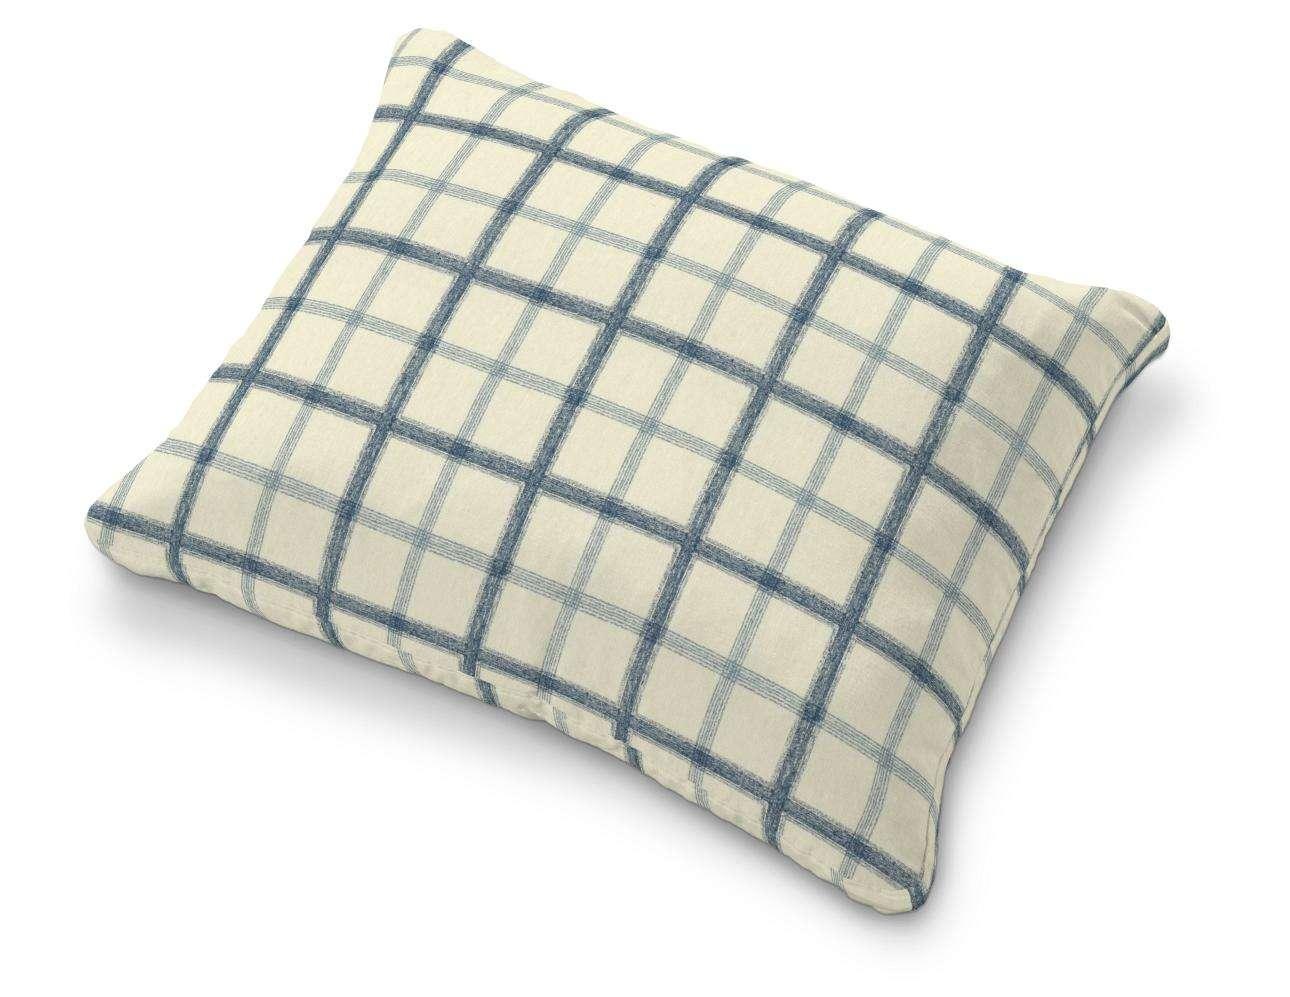 Karlstad pagalvėlės užvalkalas(58 cm x 48 cm) Karlstad pagavėlės užvalkalas 58x48cm kolekcijoje Avinon, audinys: 131-66